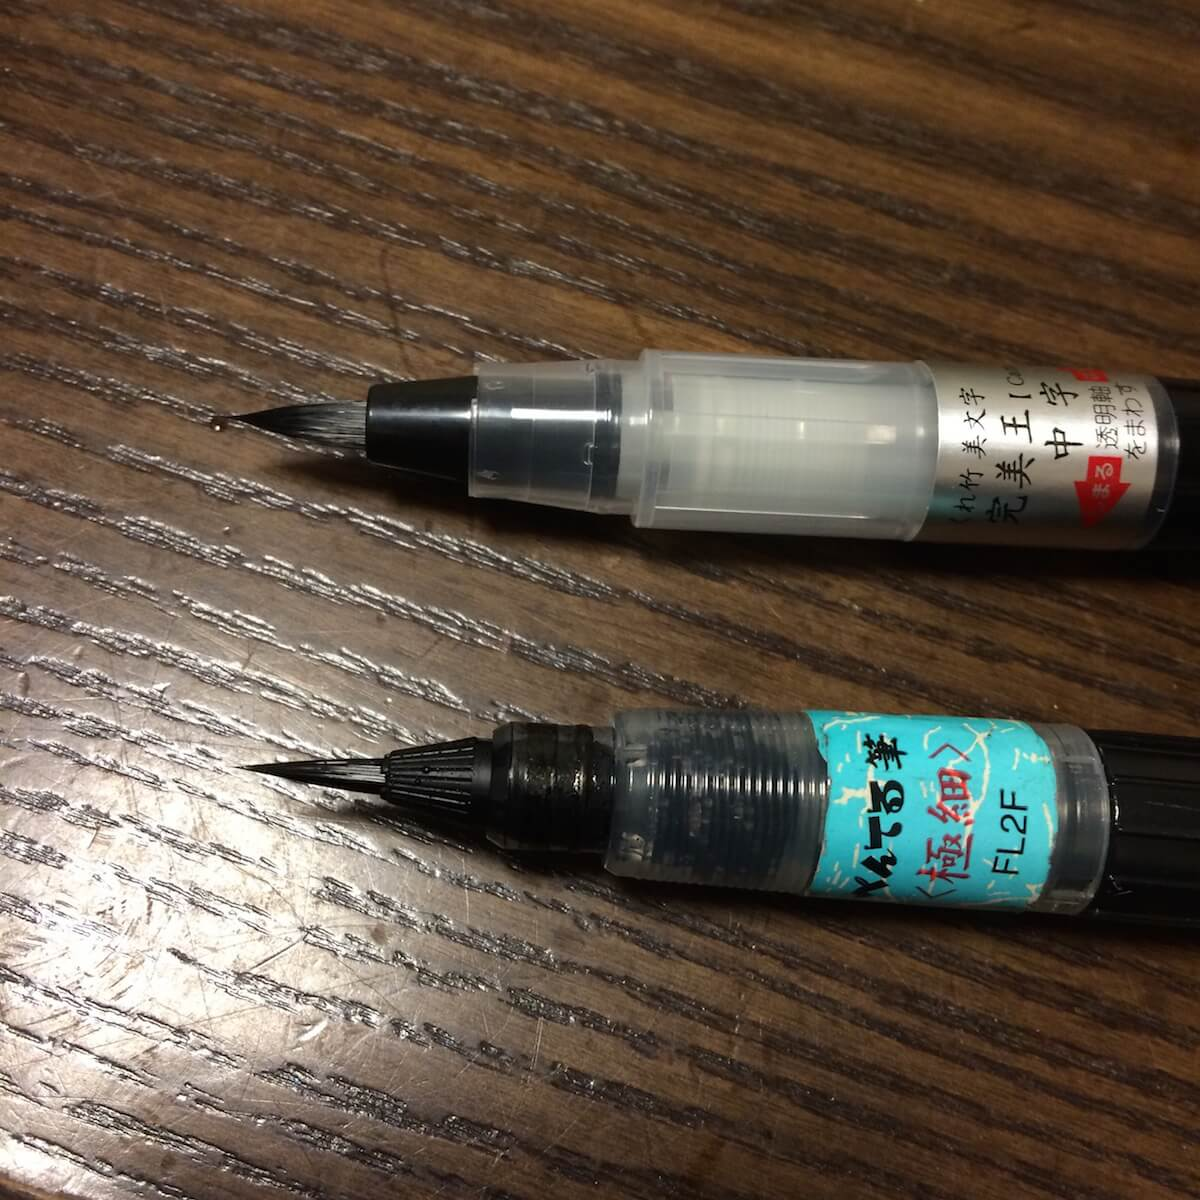 くれ竹完美王とぺんてる筆ペンを比較